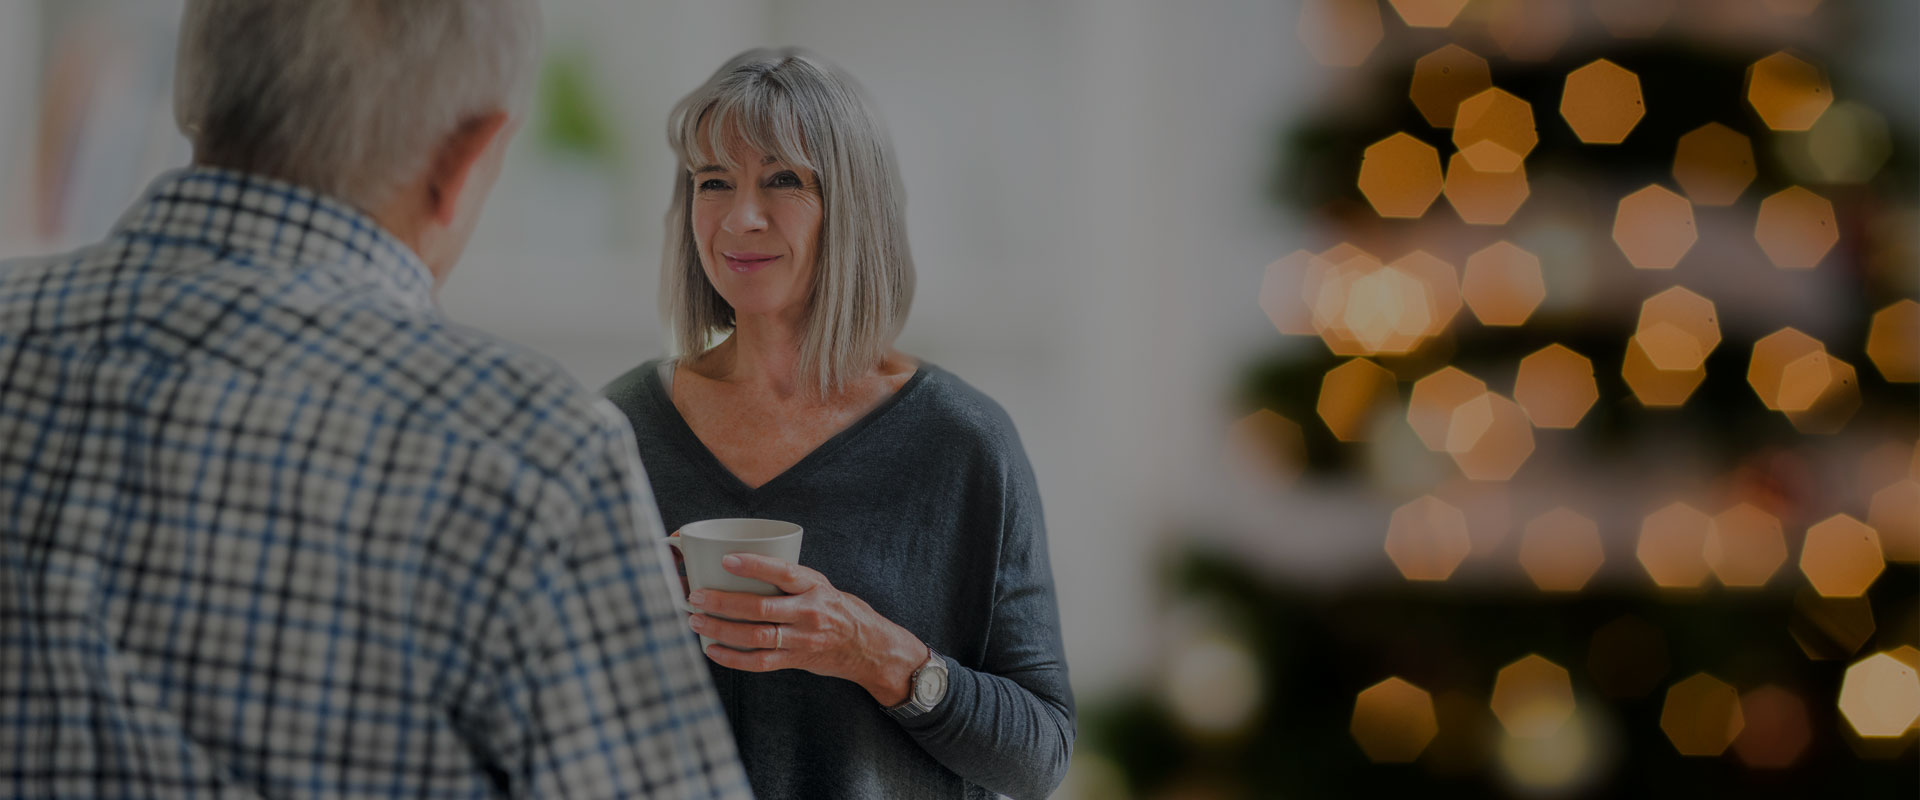 deux personnes un homme et un femme tenant un thé dans ses mains parlent devant un sapin de Noël